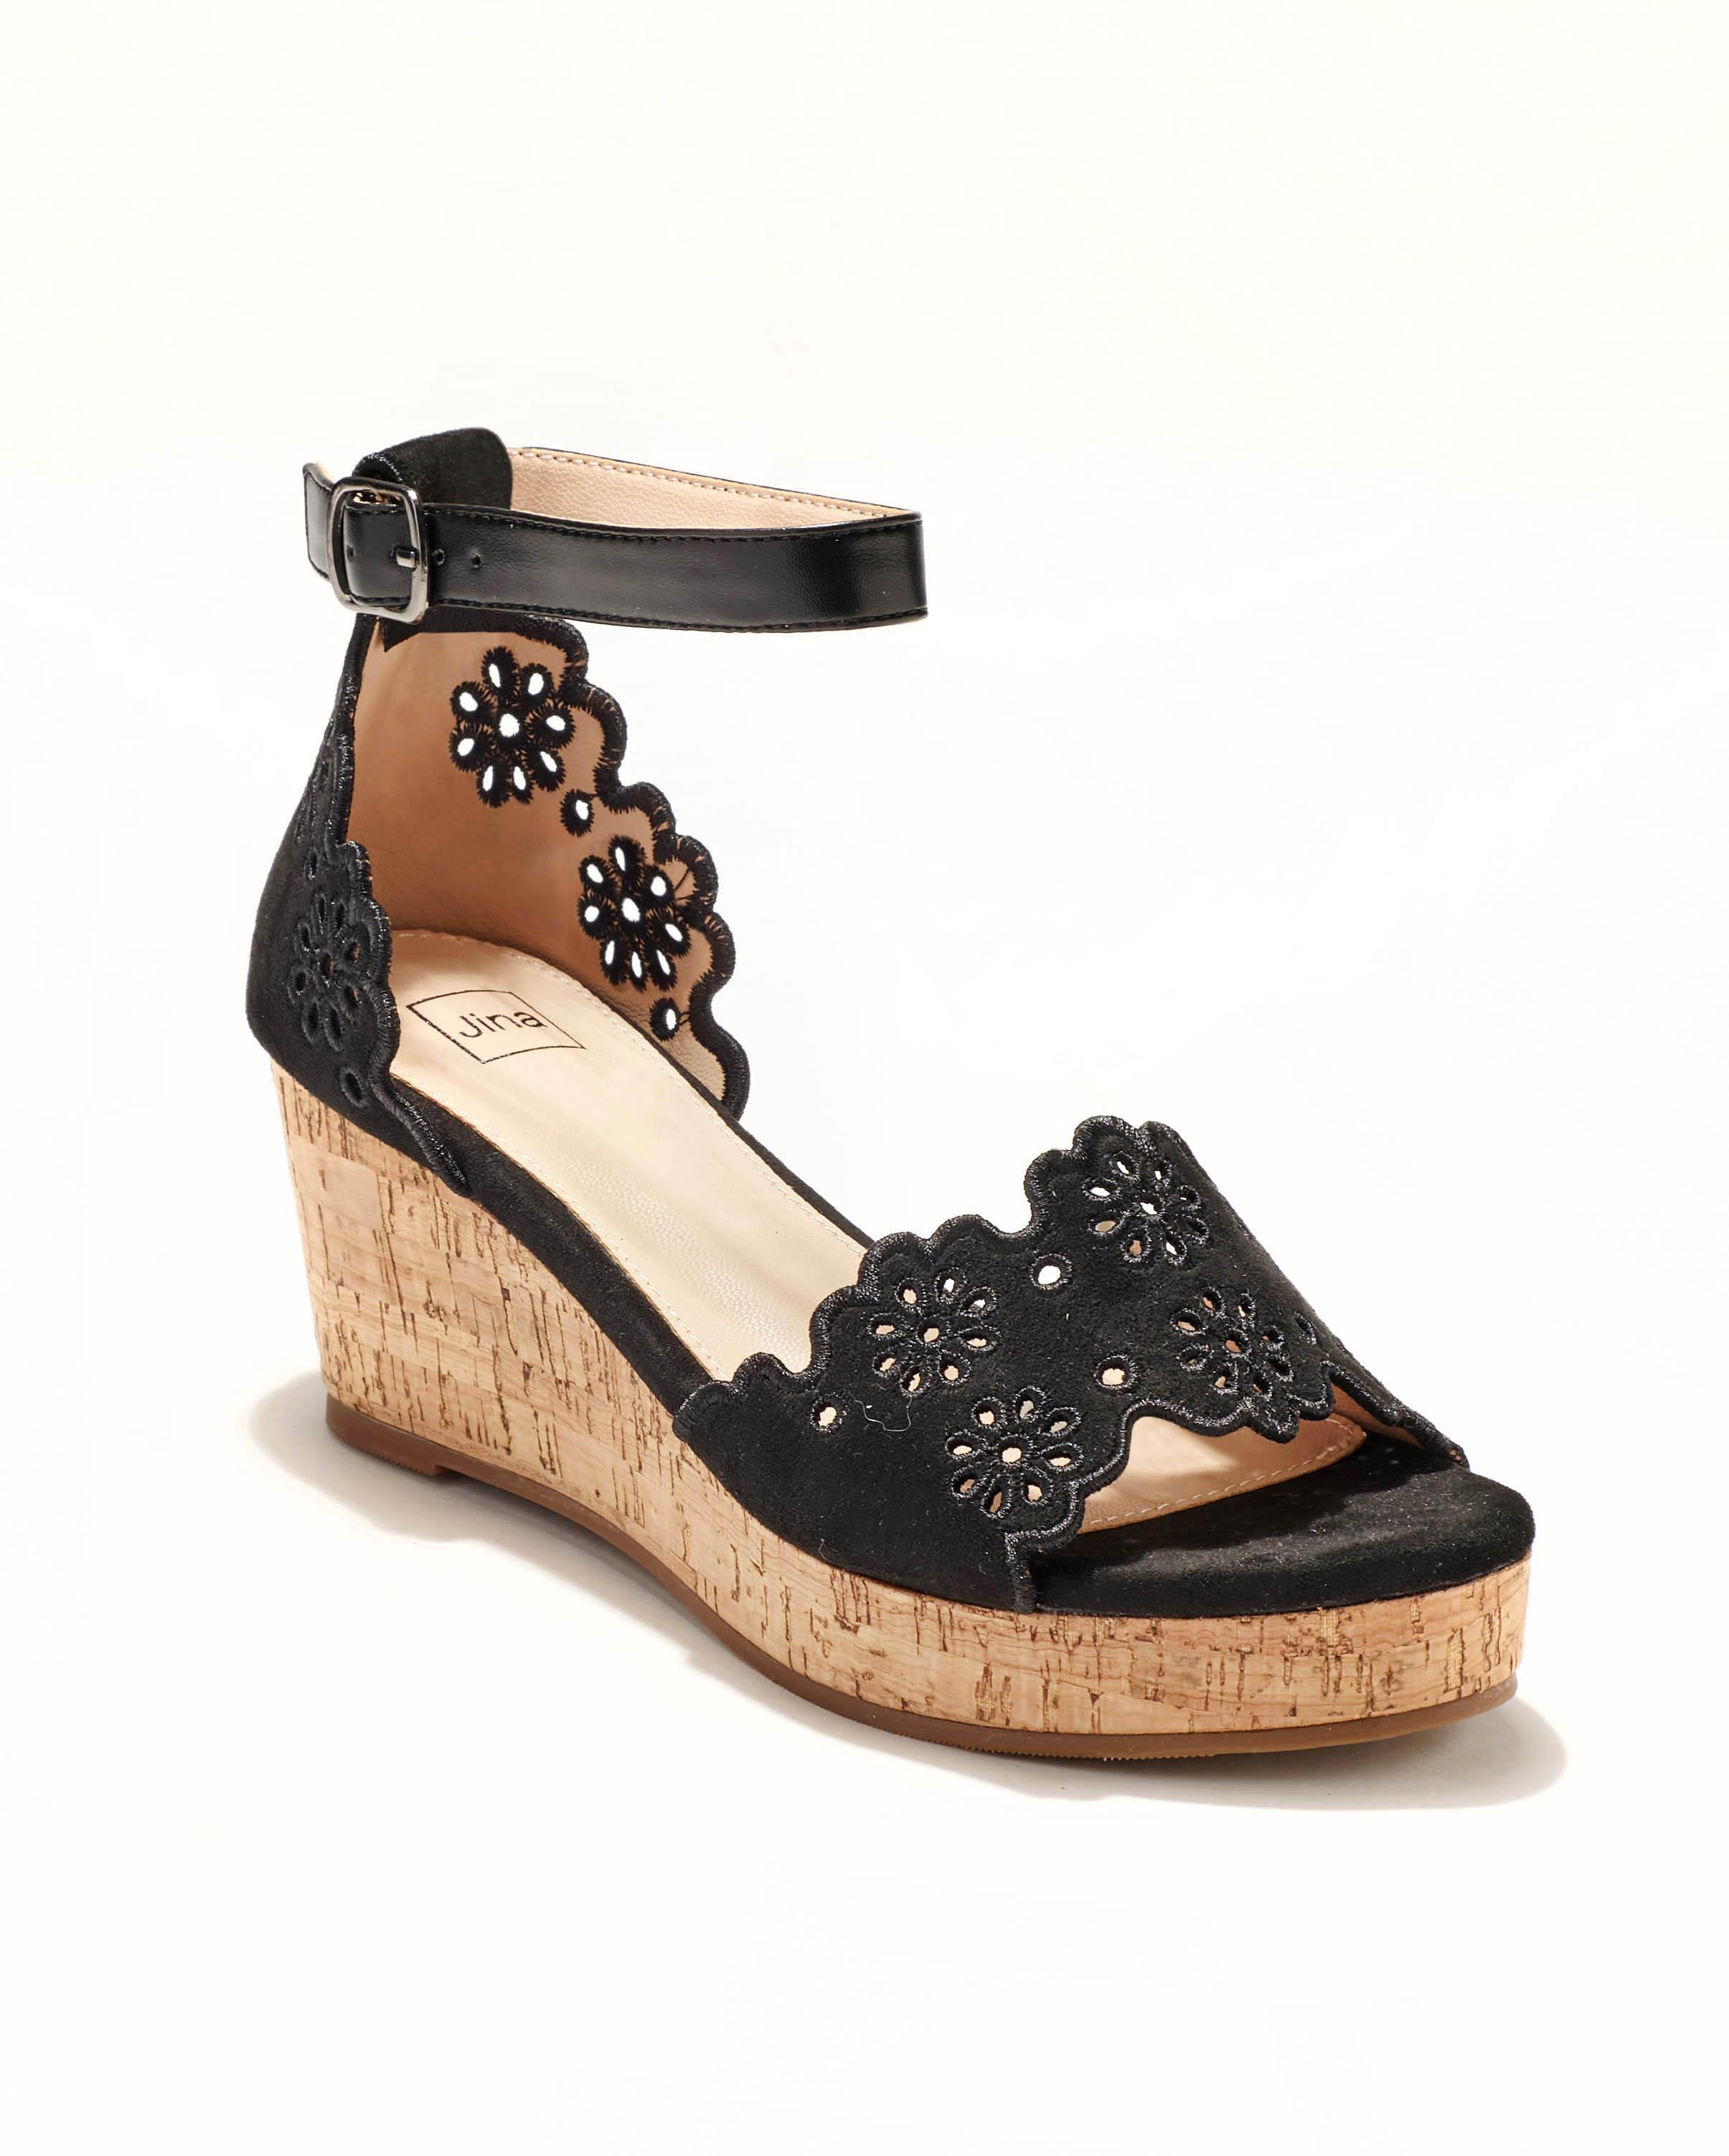 Sandales Compensées Femme - Sandale Talon Compensee Noir Jina - Mgf13-J21b